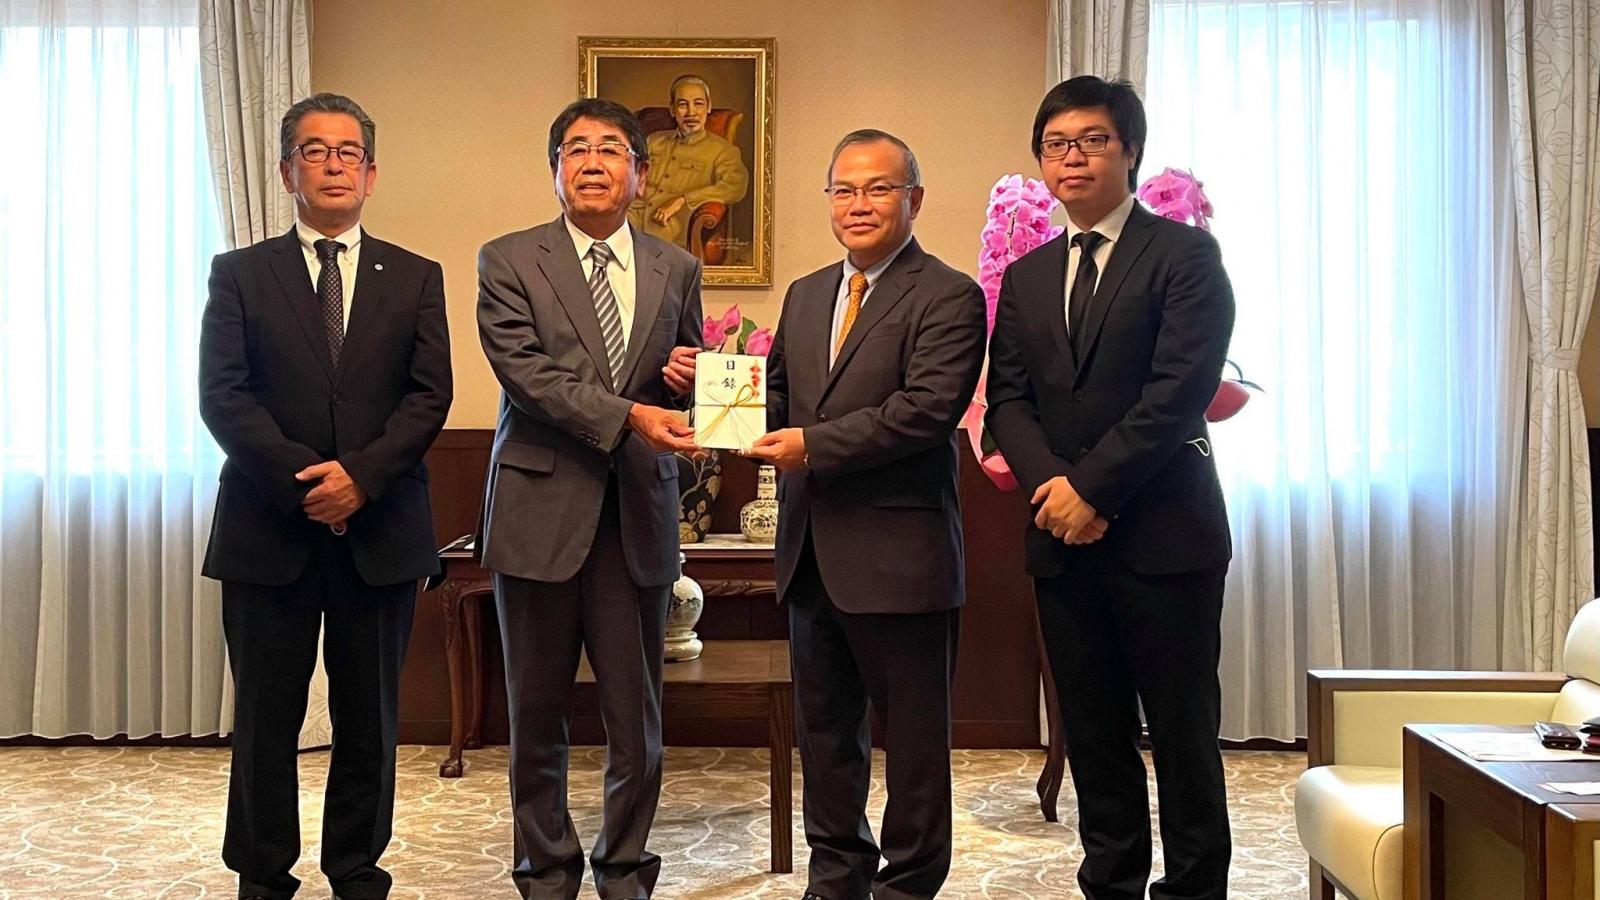 Doanh nghiệp Nhật Bản ủng hộ người Việt Nam gặp khó khăn do đại dịch